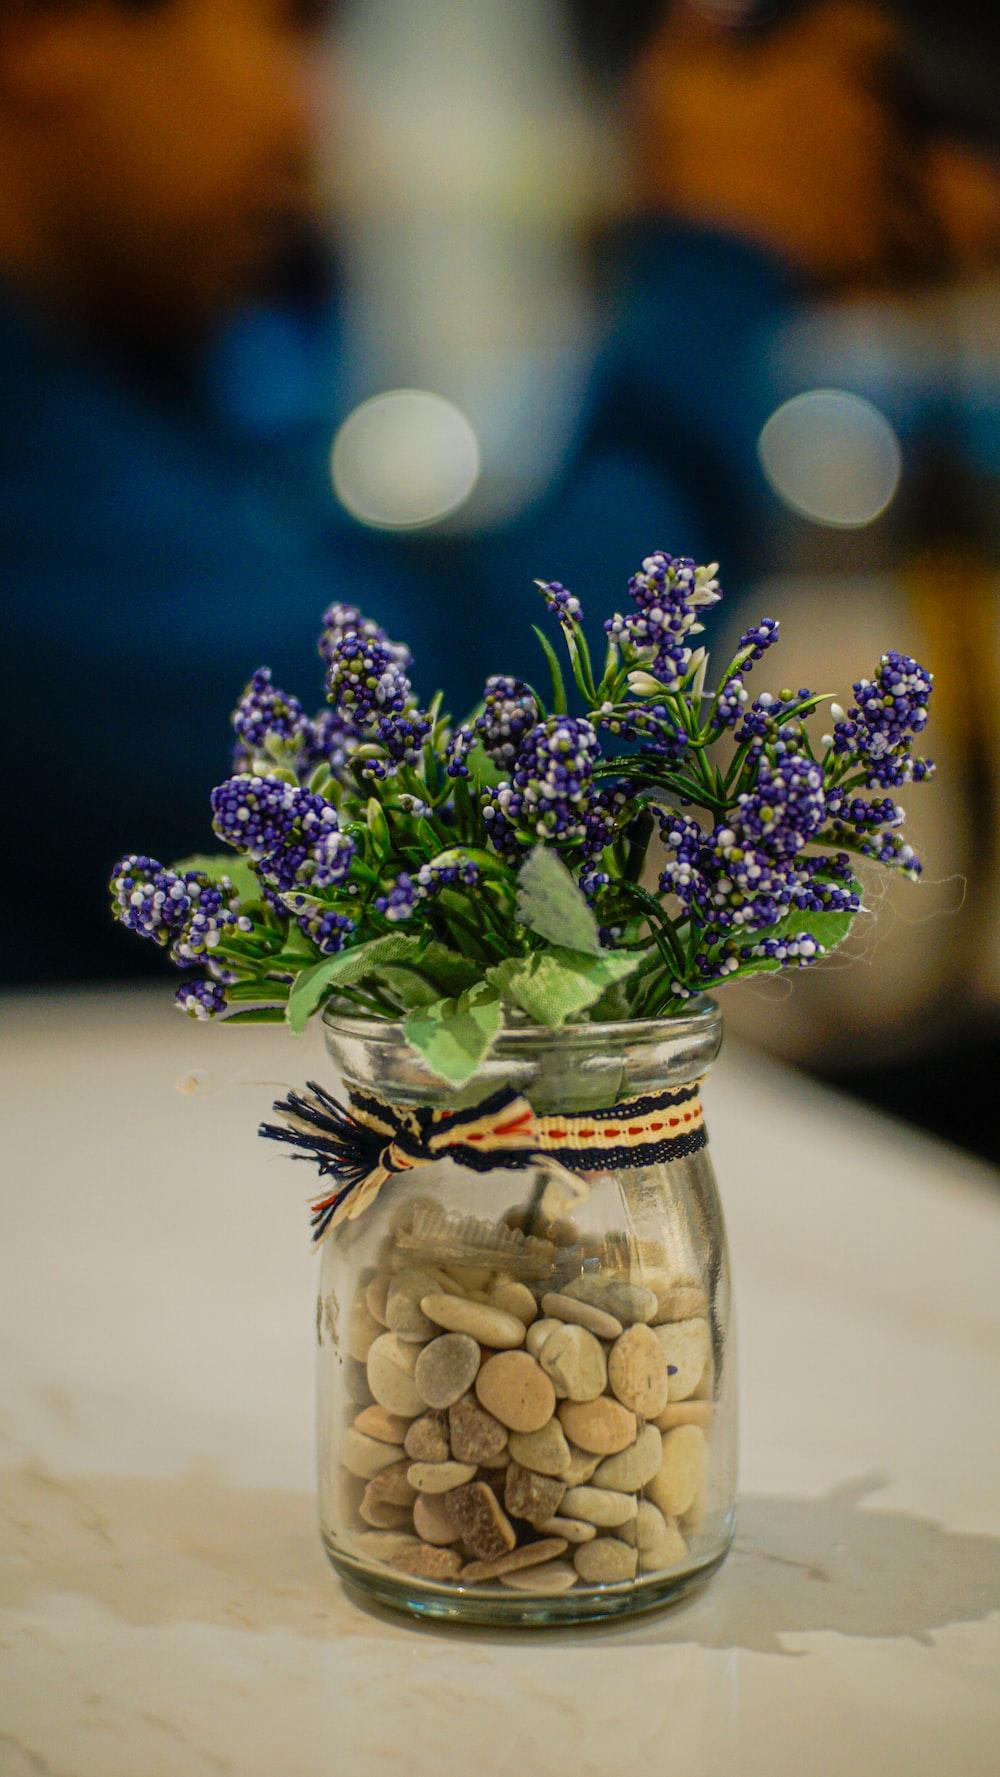 purple flowers in clear glass jar